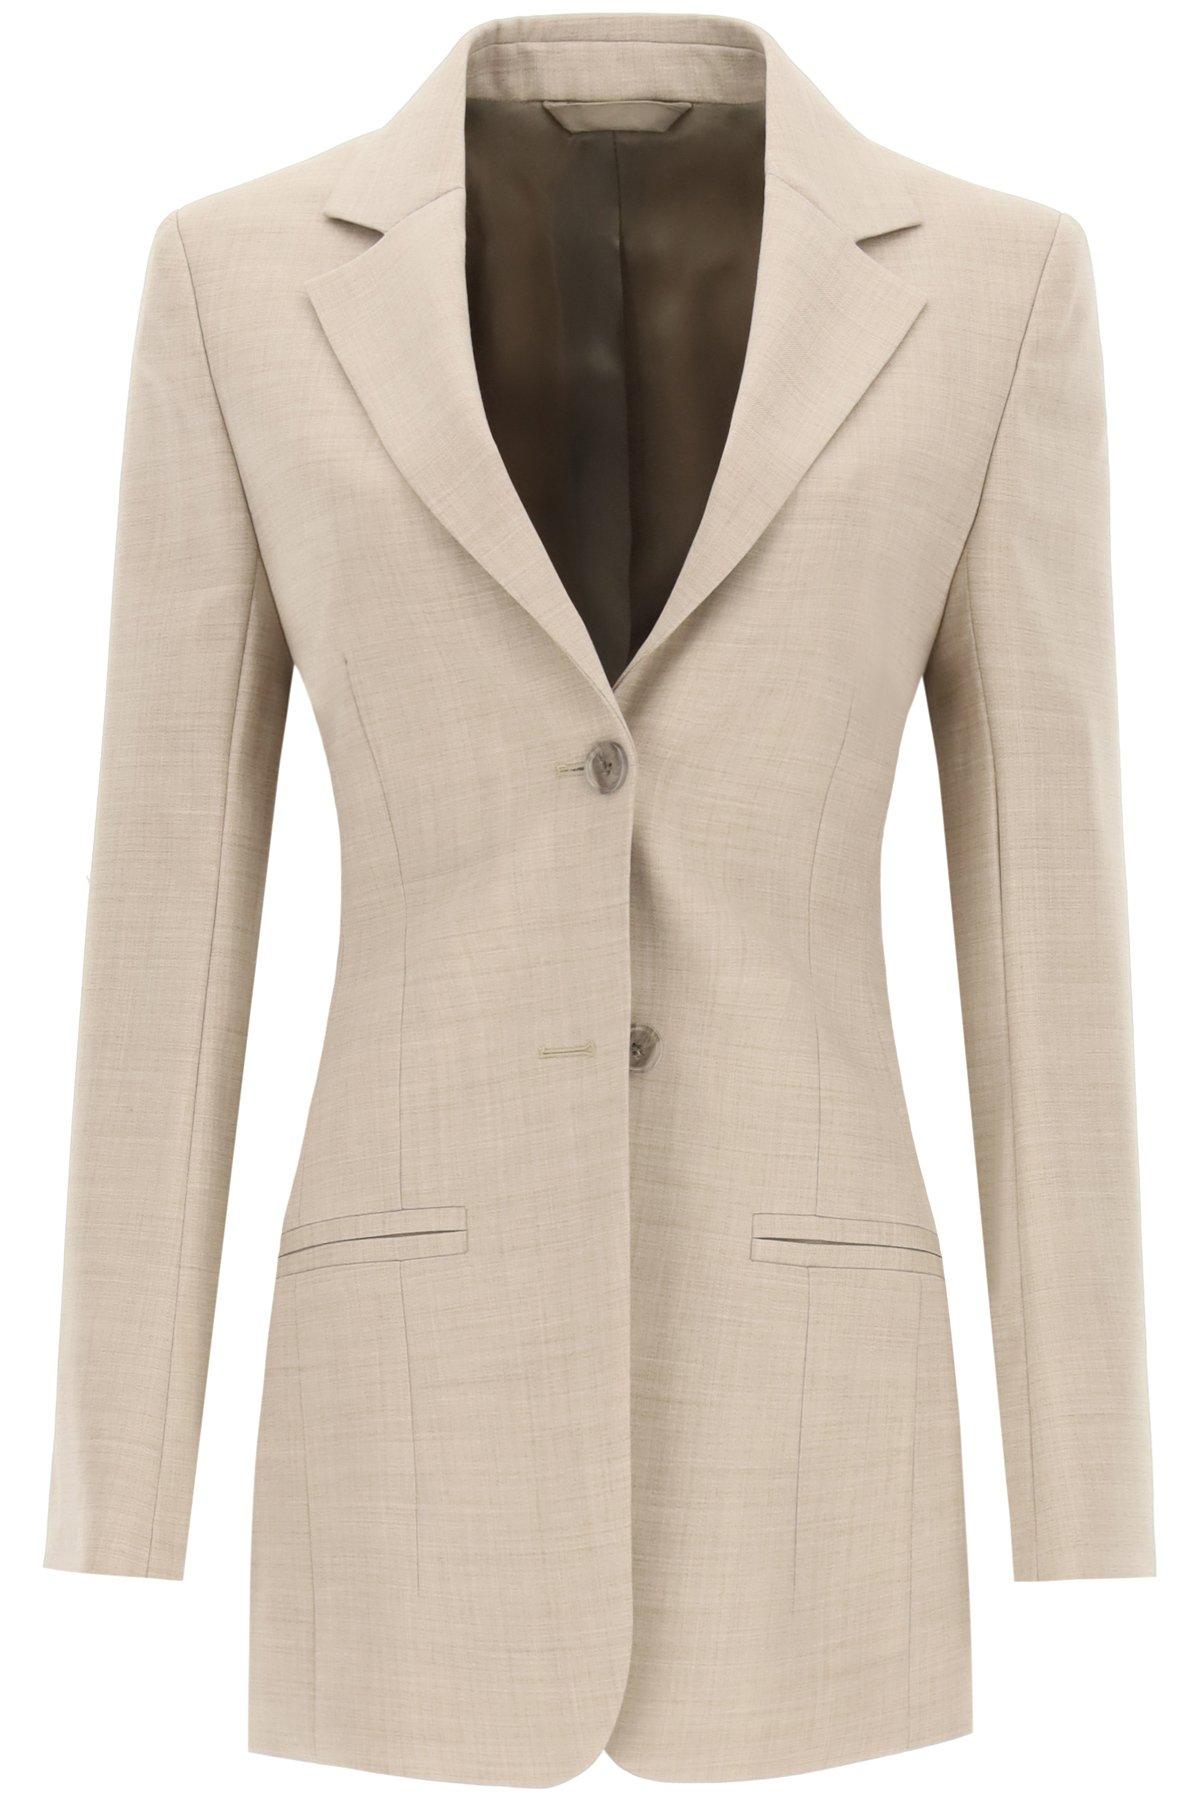 Acne studios giacca in lana